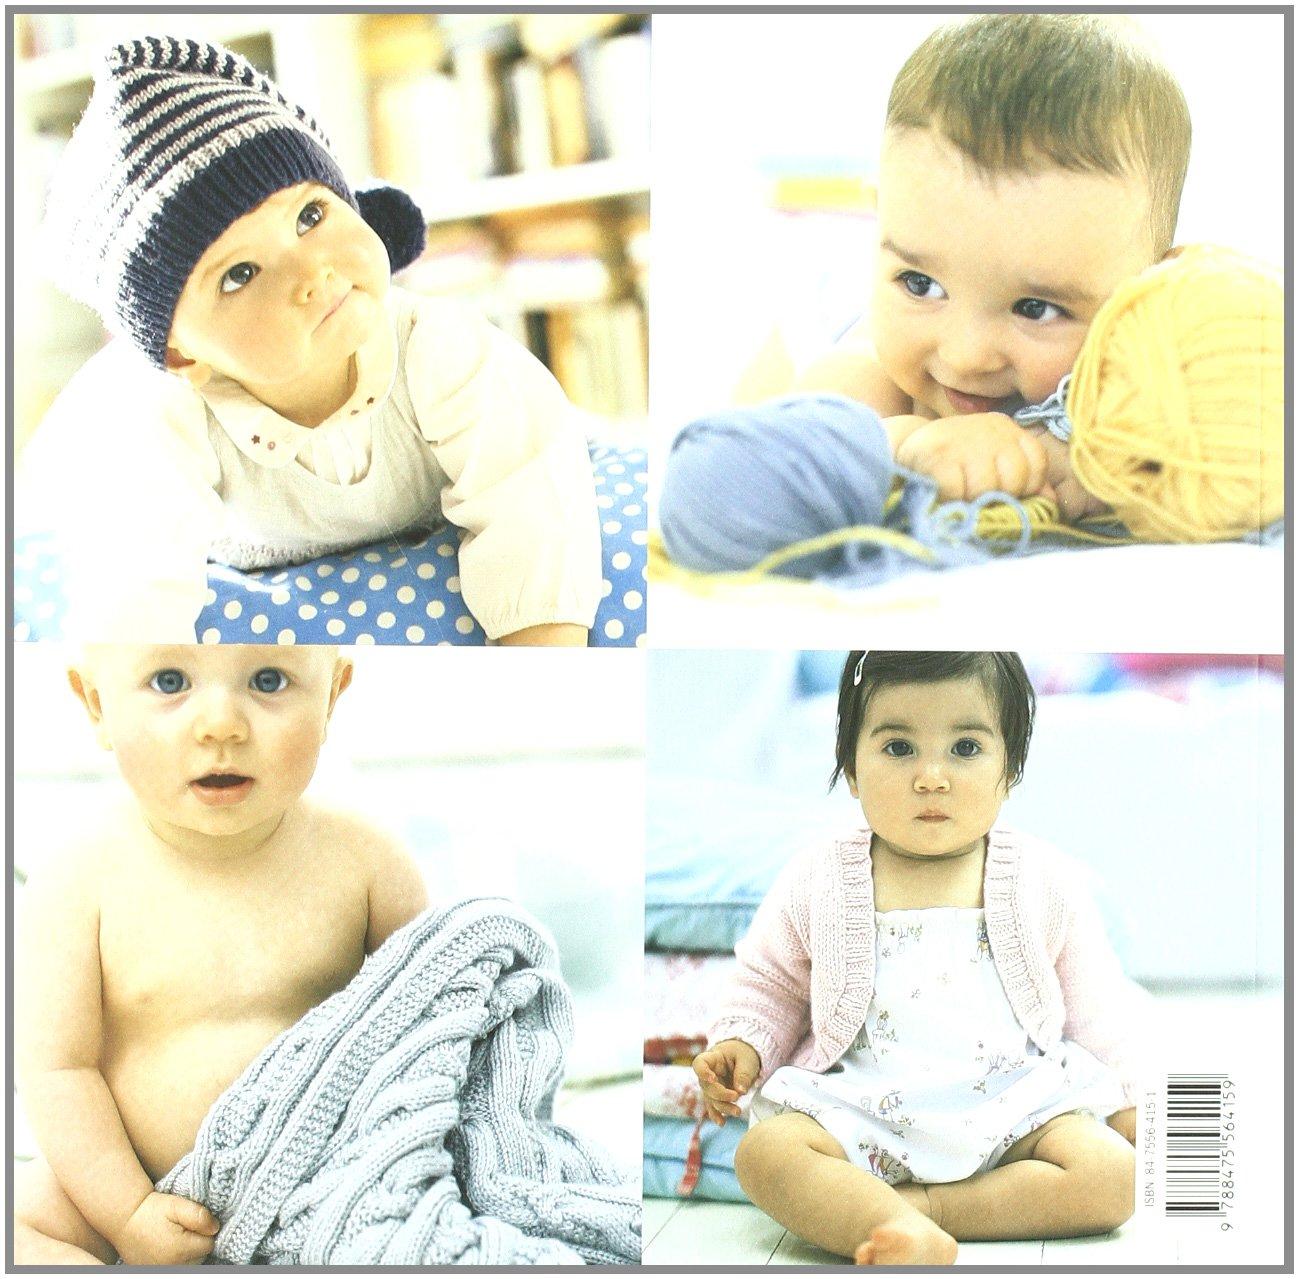 Solo Para Bebes/ Just for Babies: 20 Modelos Para Los Primeros Dos Anos De Tu Bebe (Tiempo Libre) (Spanish Edition): Debbie Bliss, Tim Evan-Cook: ...